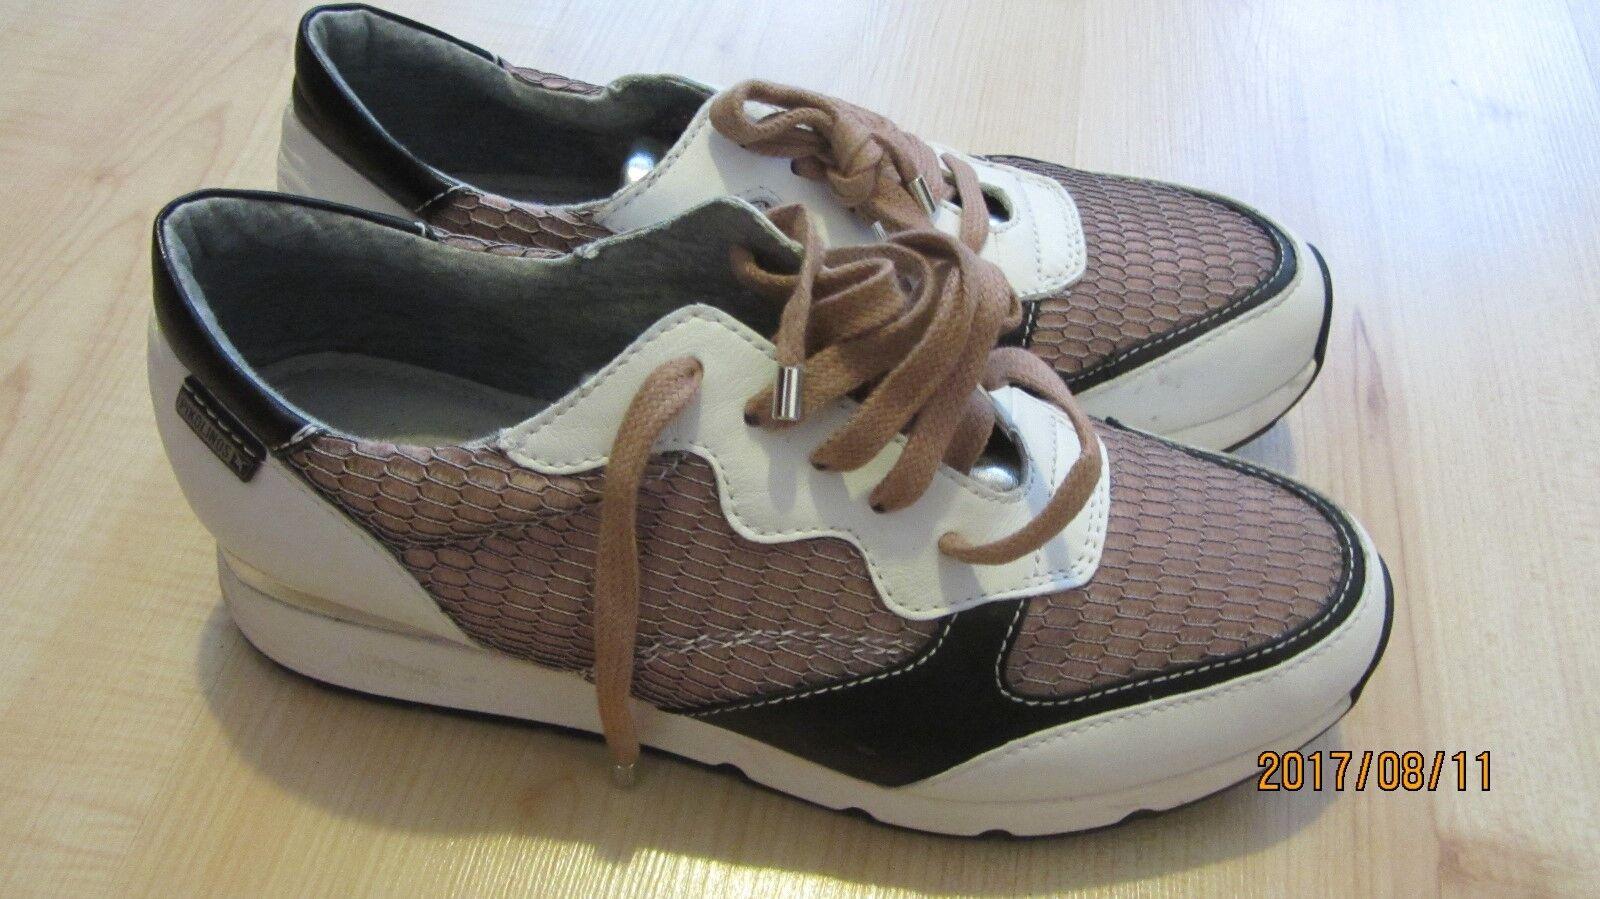 Pikolinos Damen Damen Pikolinos Mundaka Sneakers Größe 39,5 5669fc